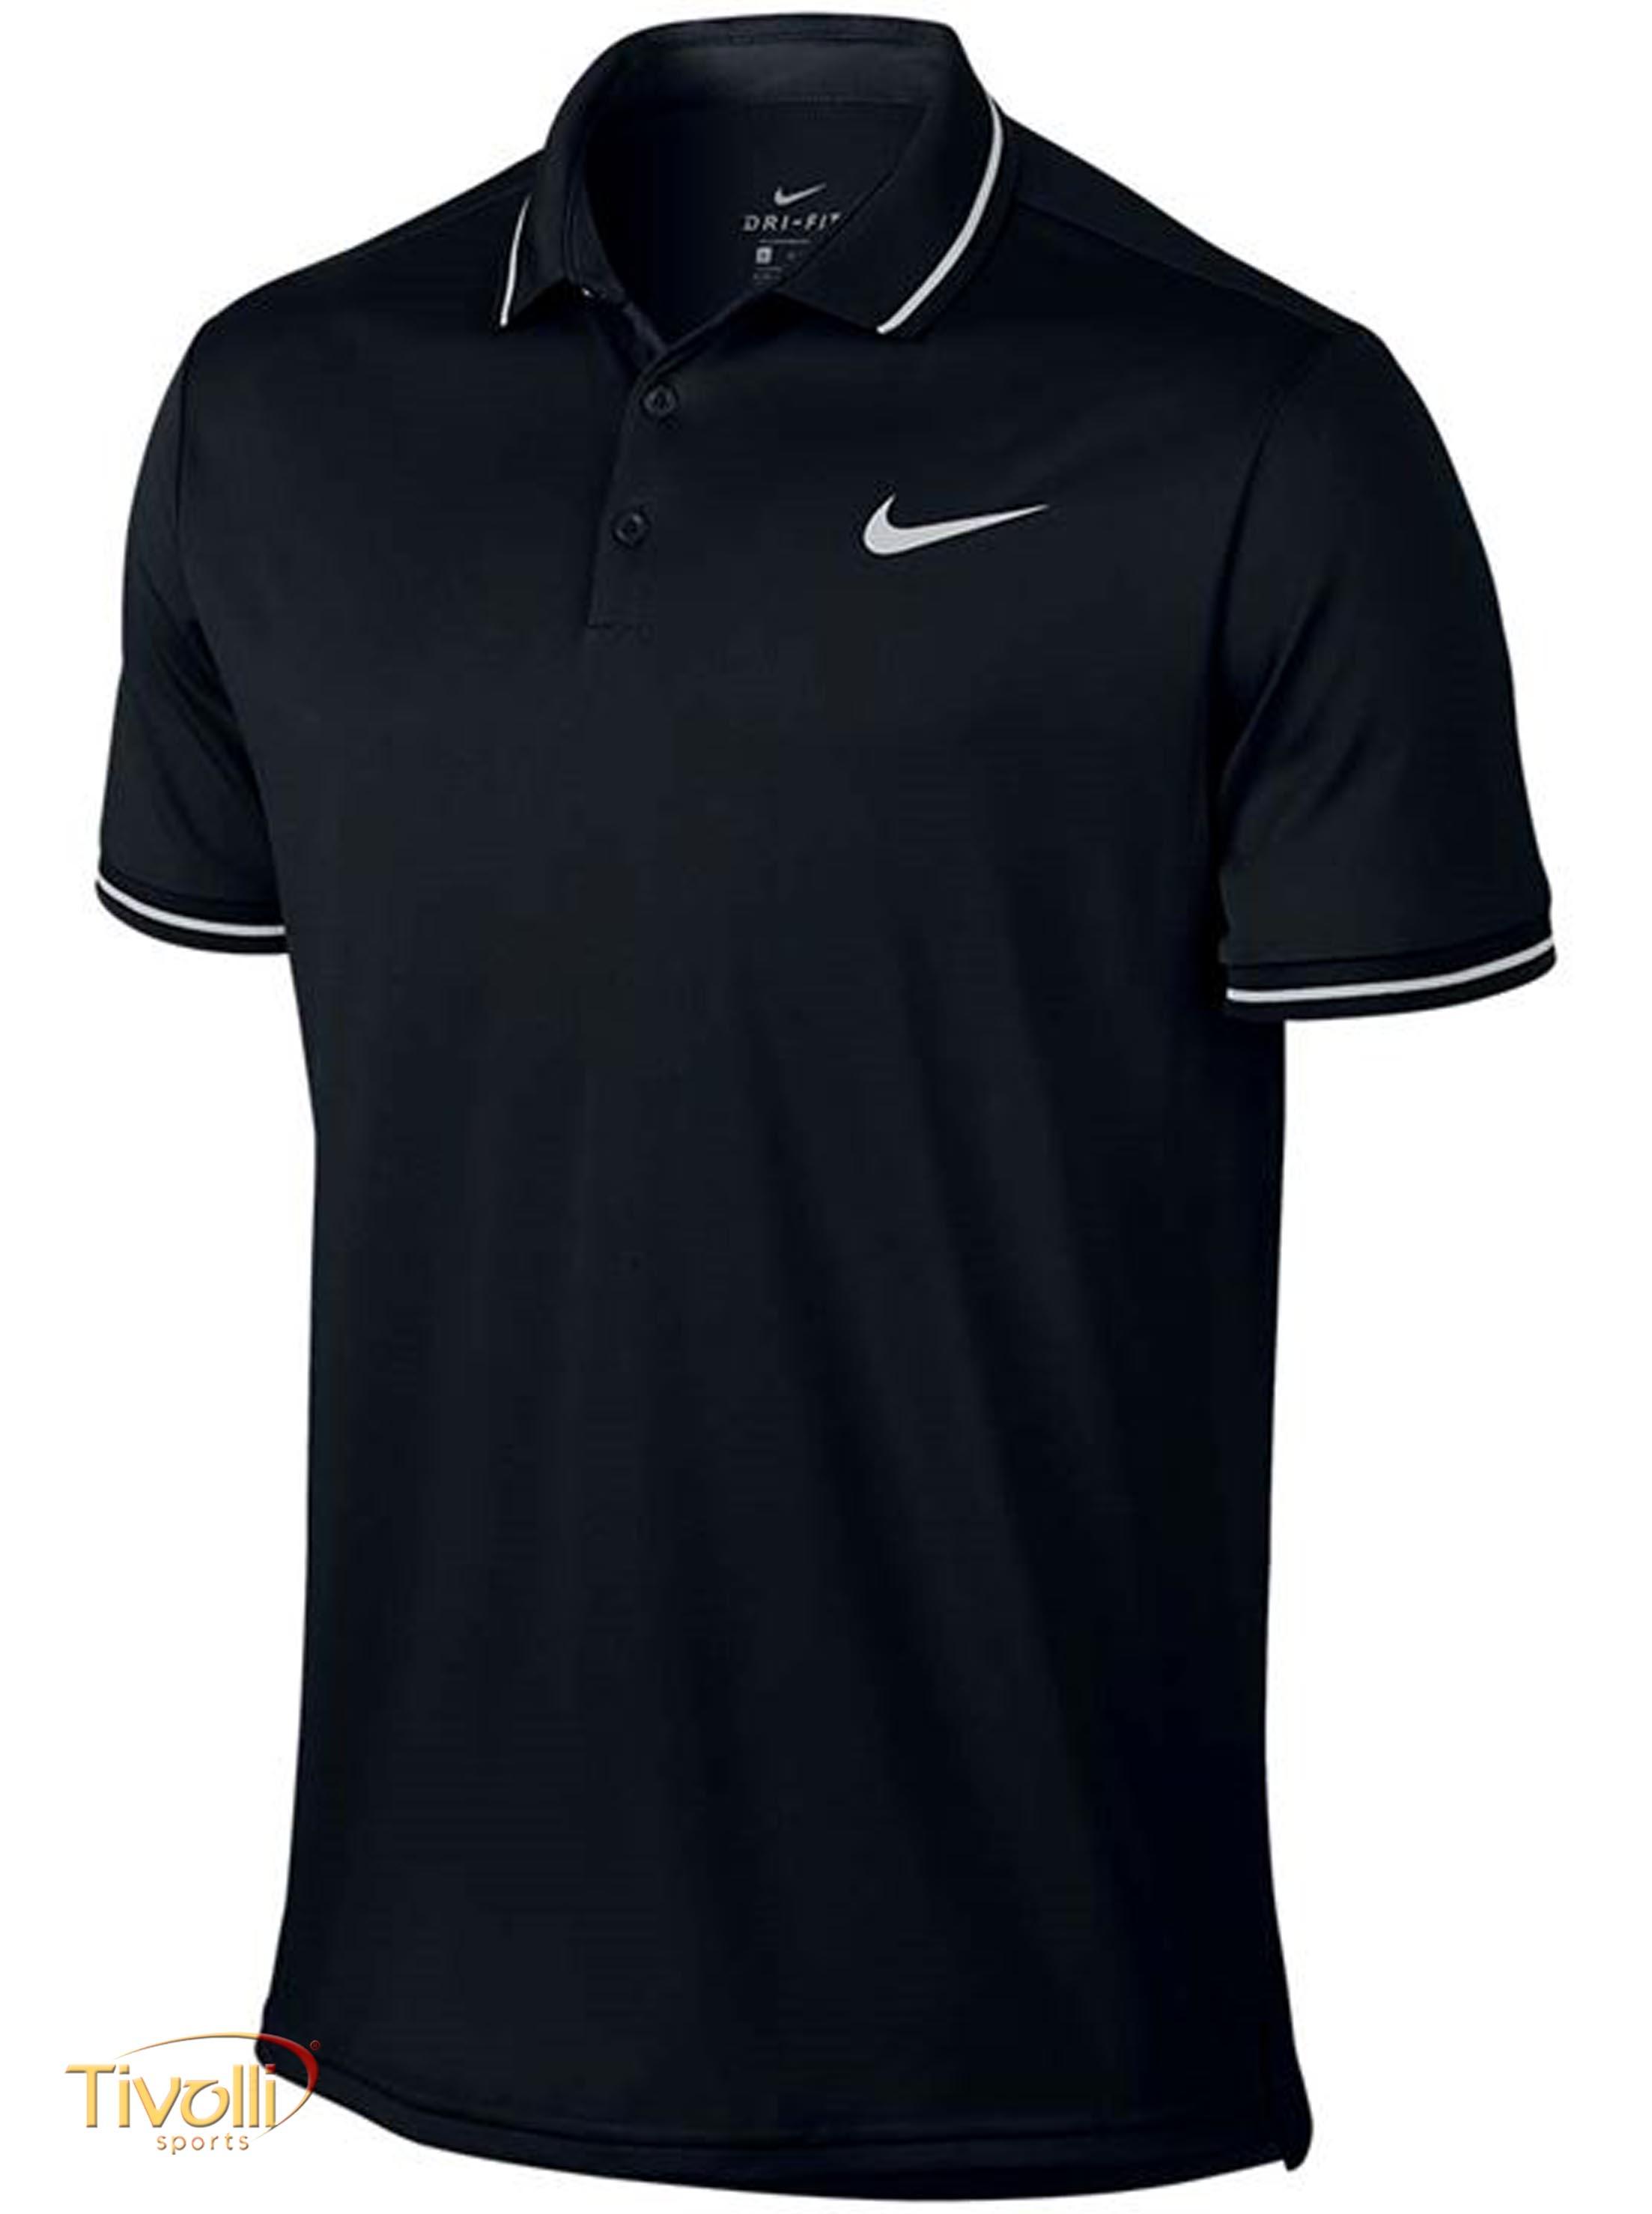 57de78f5c Raquete Mania   Camisa Polo Nike Court Dry Solid   Preta e Branca